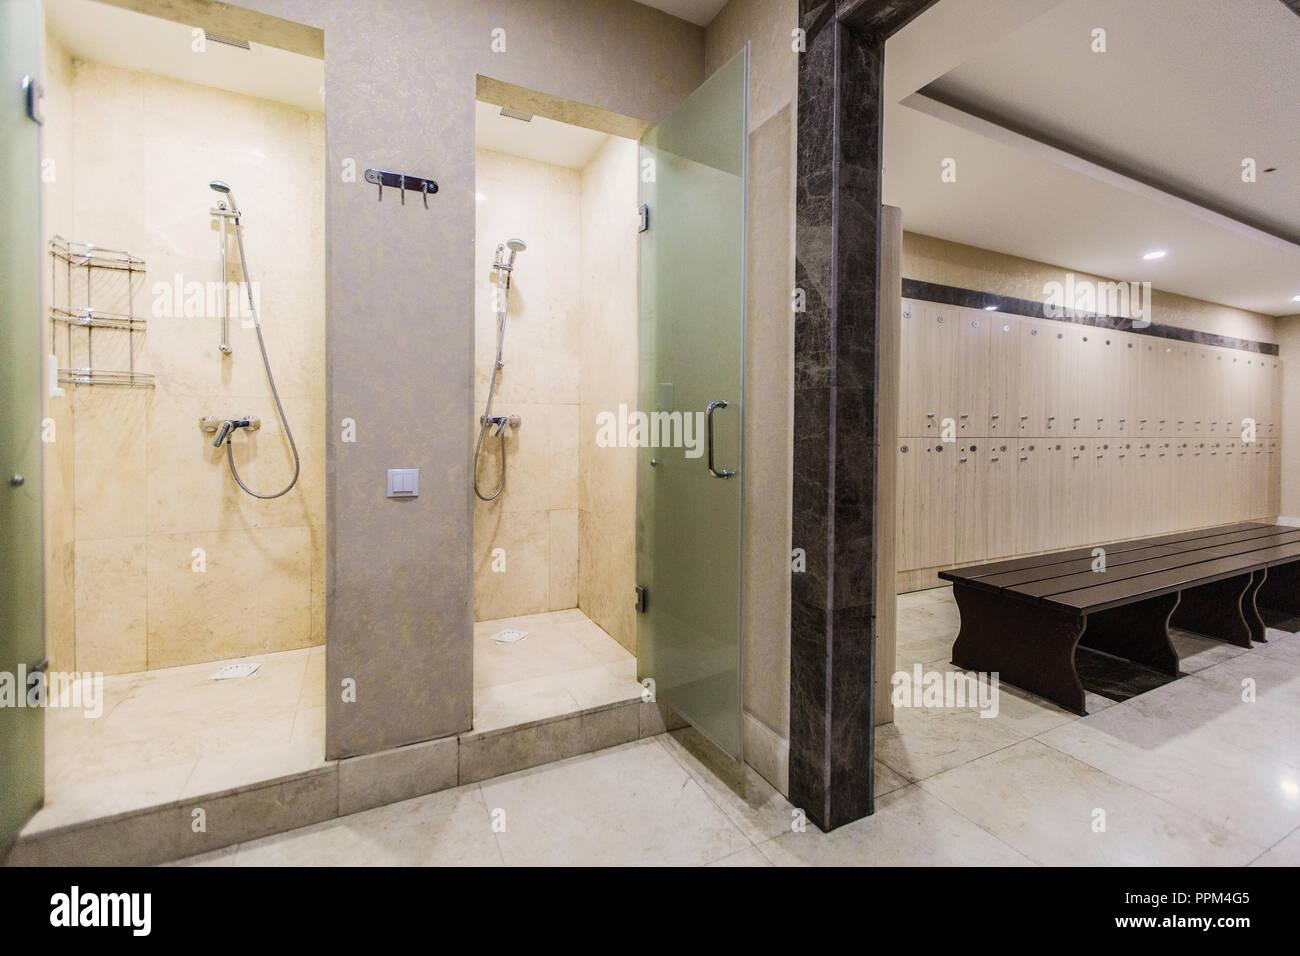 Garderobe Im Hotel Oder Fitnessraum Holz Sitzbank Und Dusche